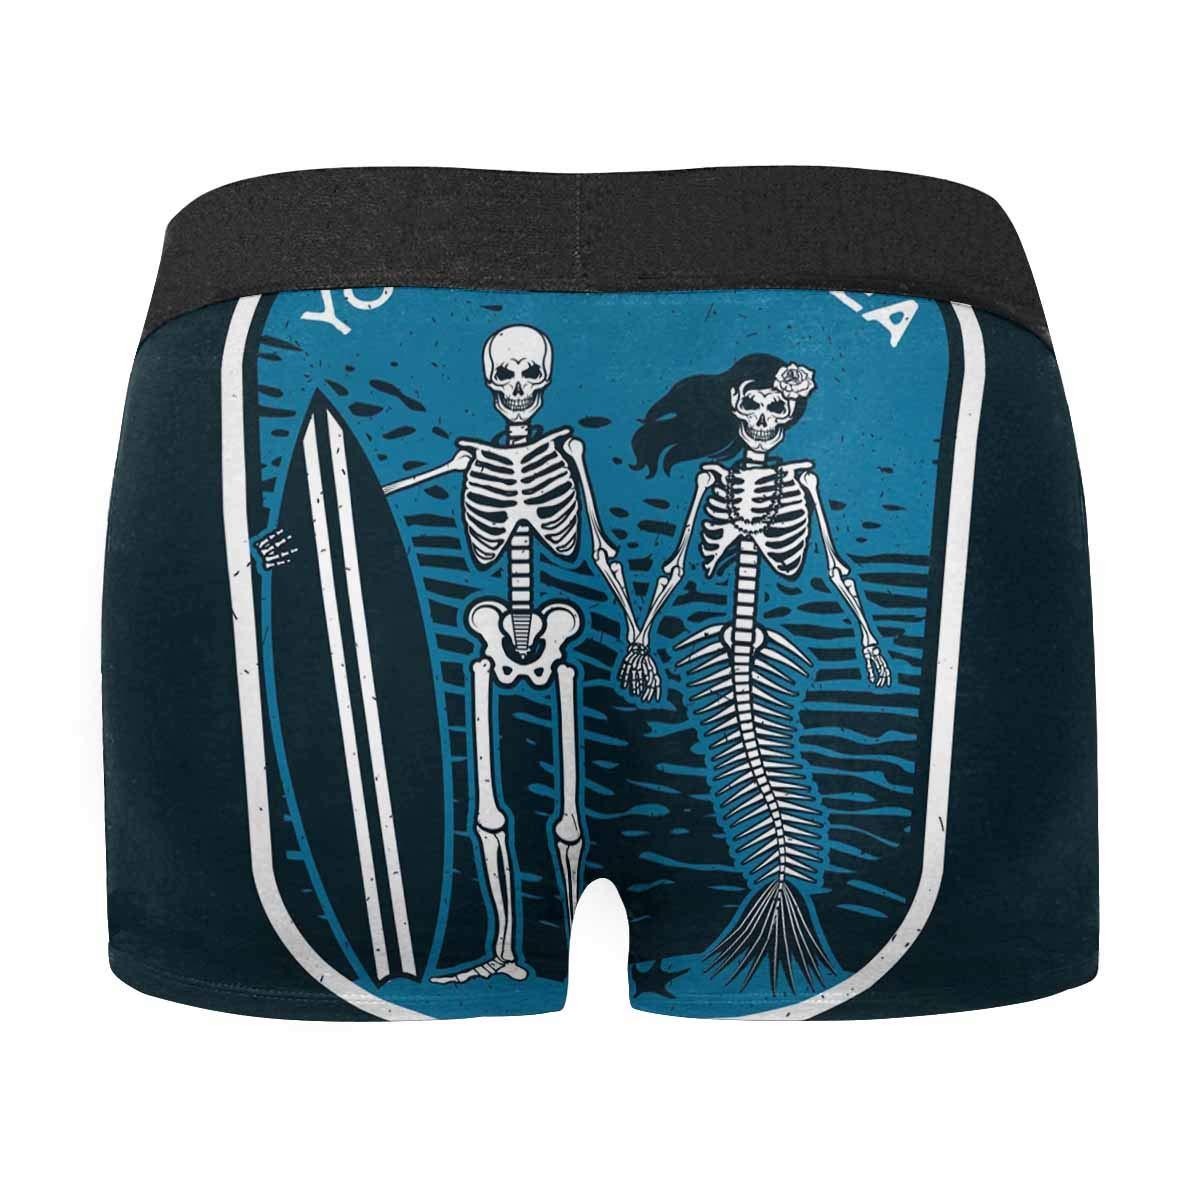 INTERESTPRINT Mens Boxer Briefs Underwear Skeleton Surfer XS-3XL